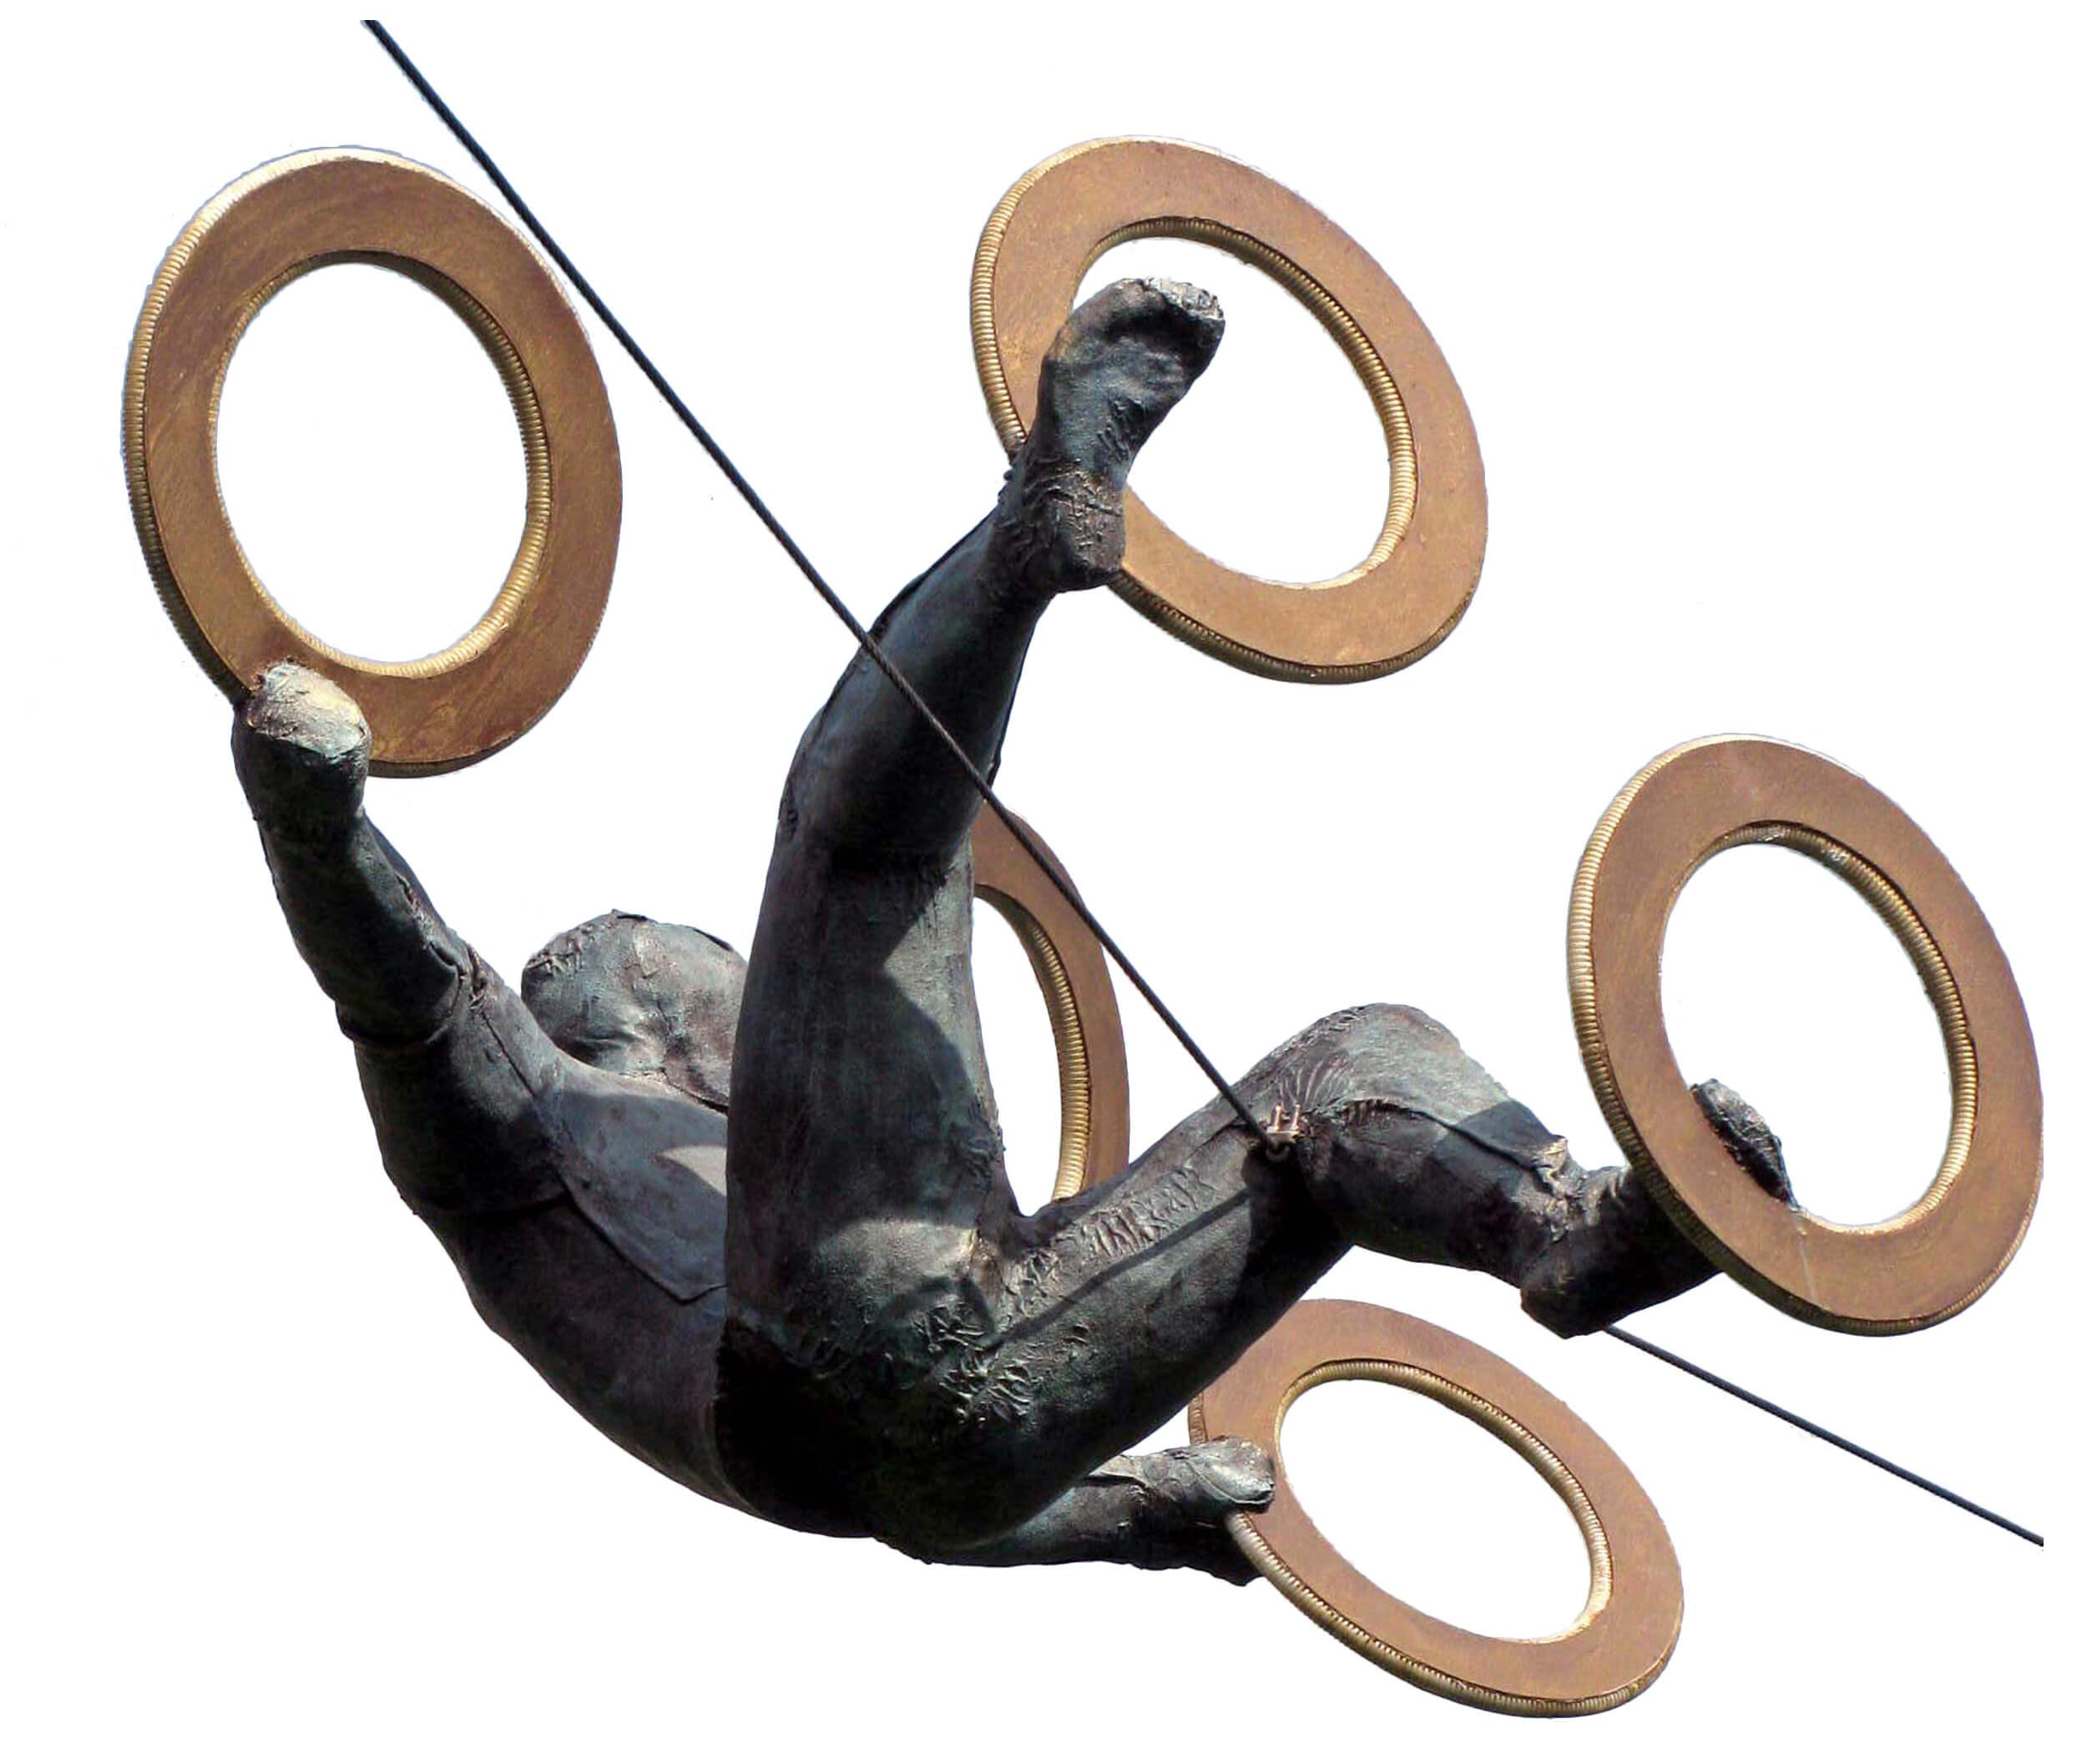 9. Olimpijczyk / An Olimpian